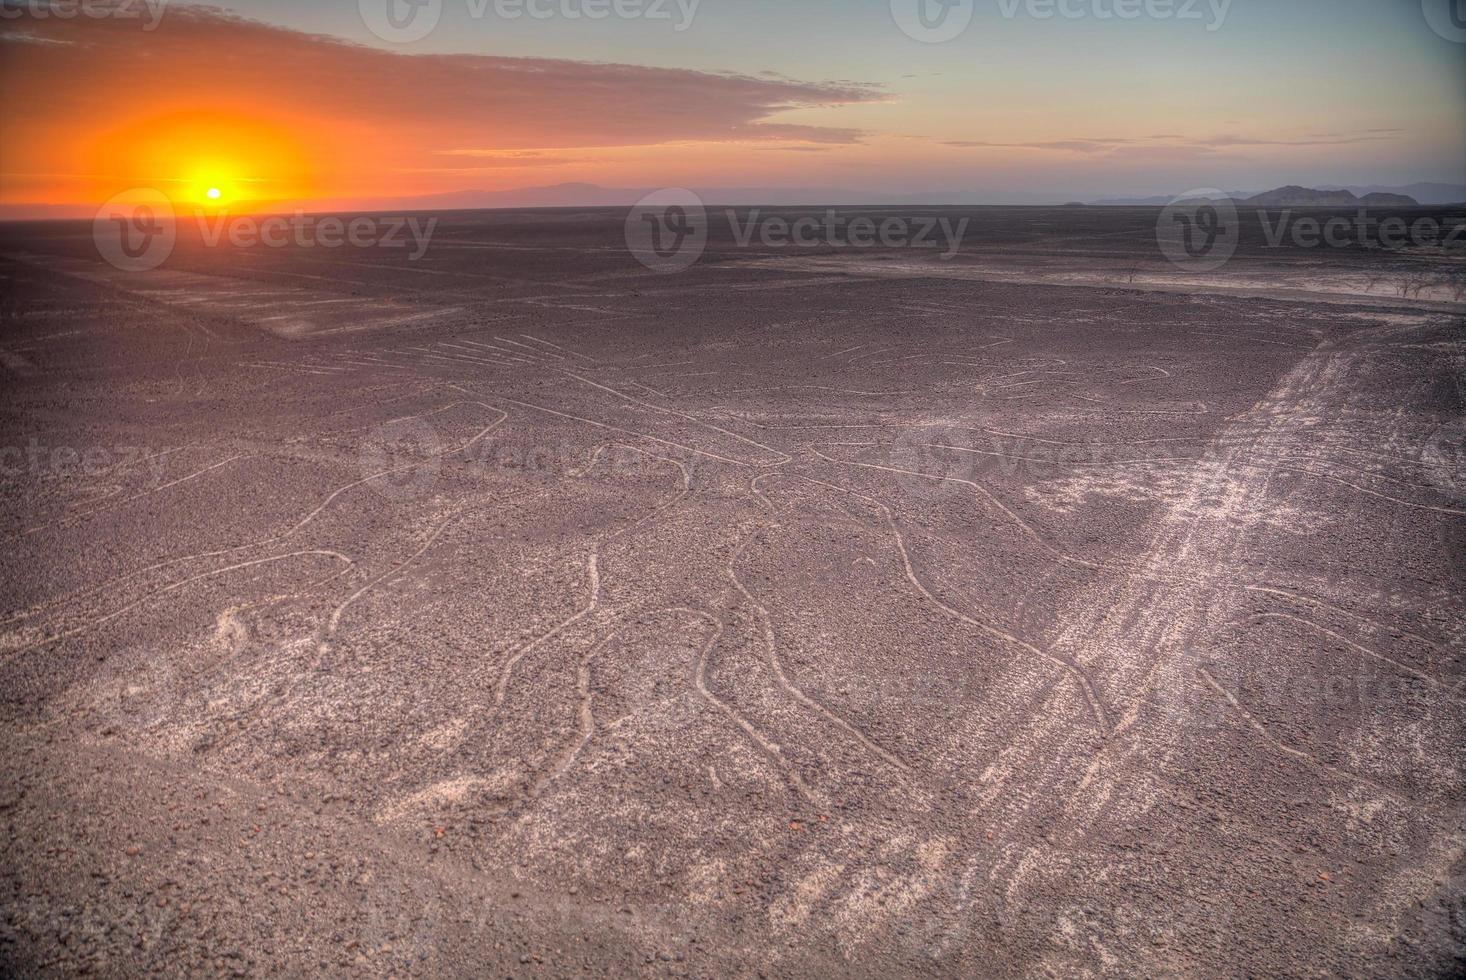 nazca linjer i den vackra solnedgången. foto